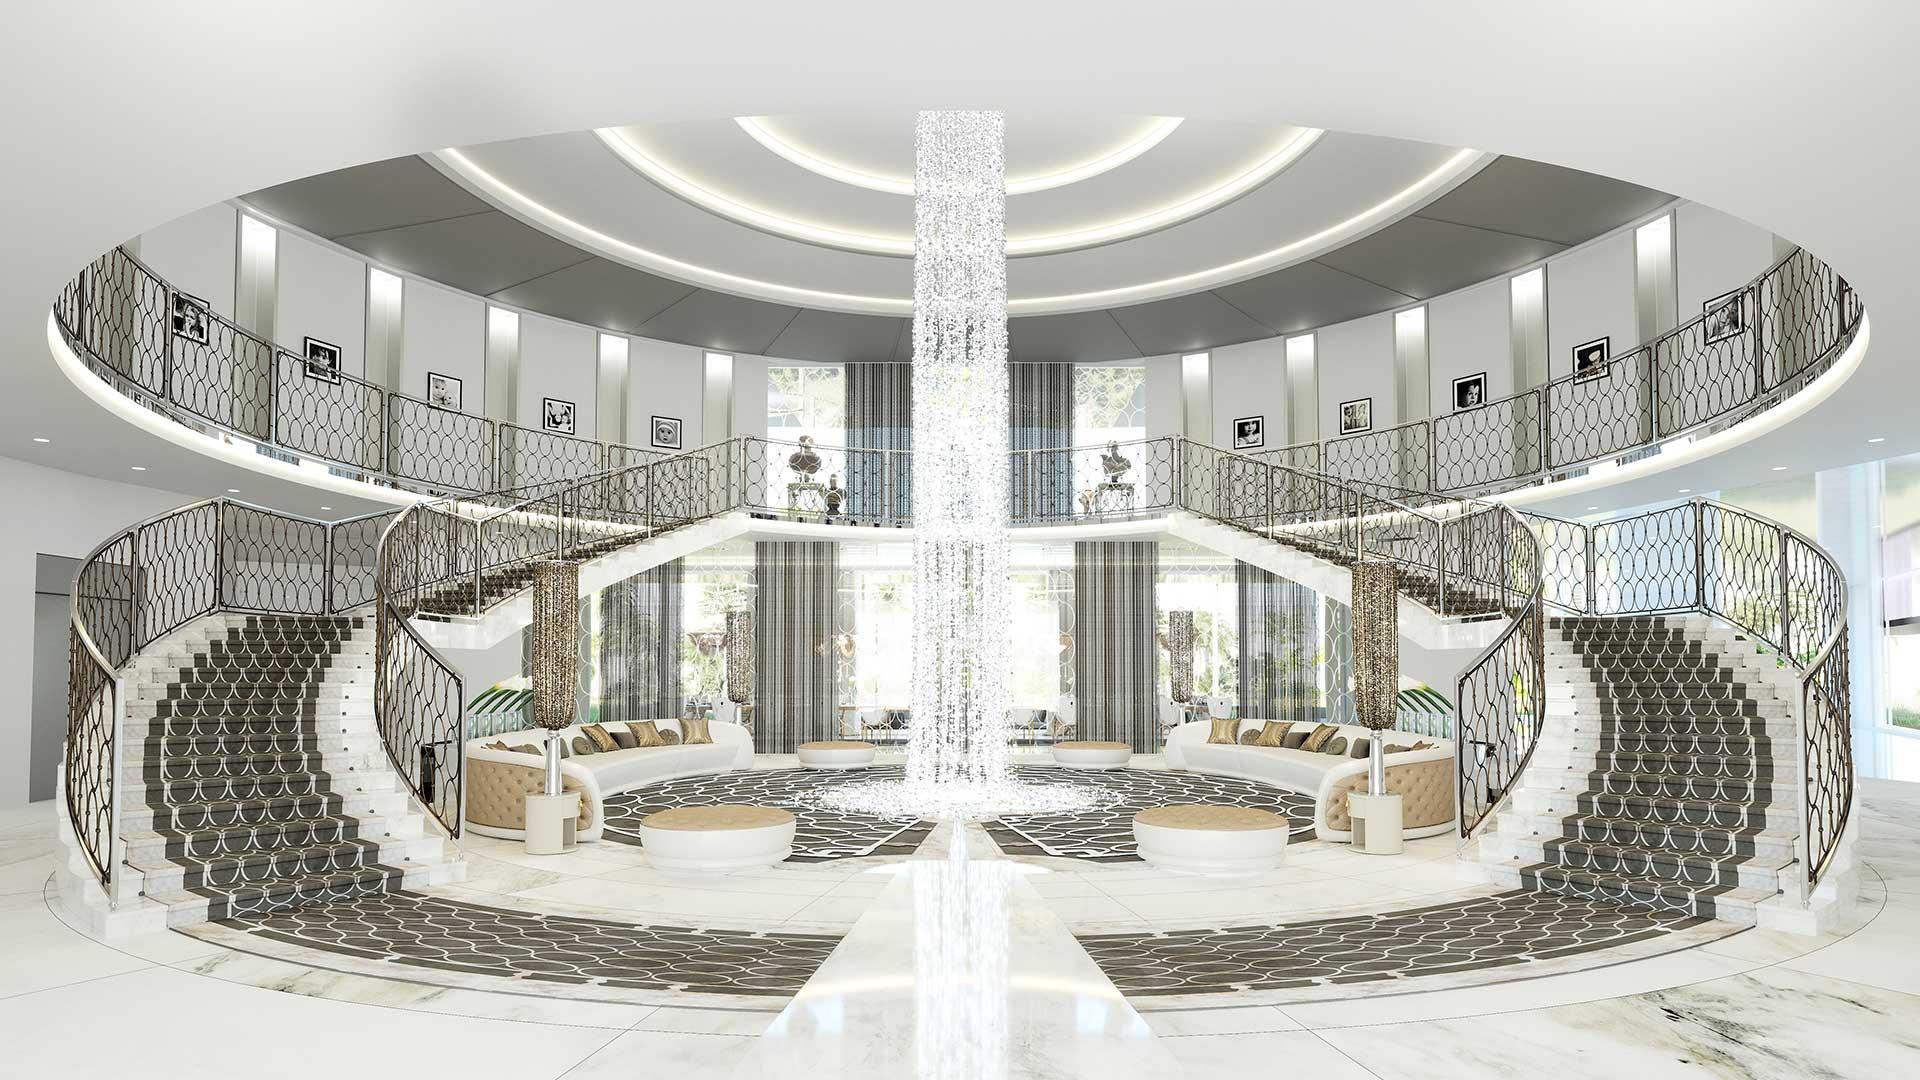 Hall d'entrée d'une villa ultra luxe en image de synthèse, plan immobilier.